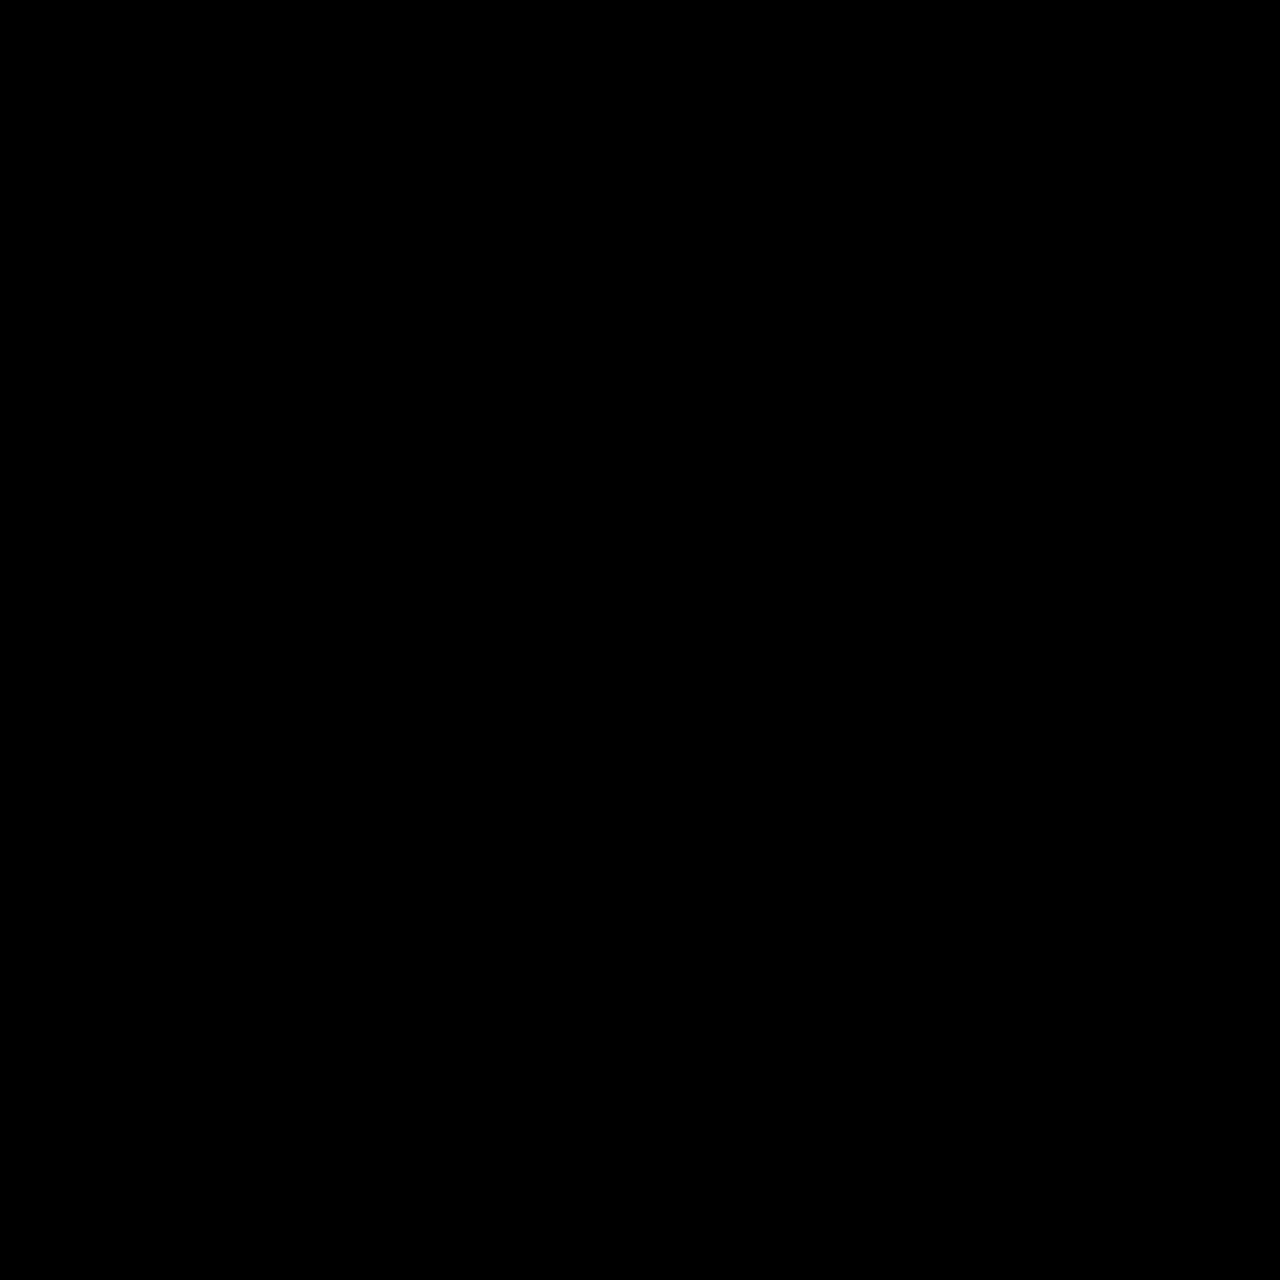 V76-9 Safety Black